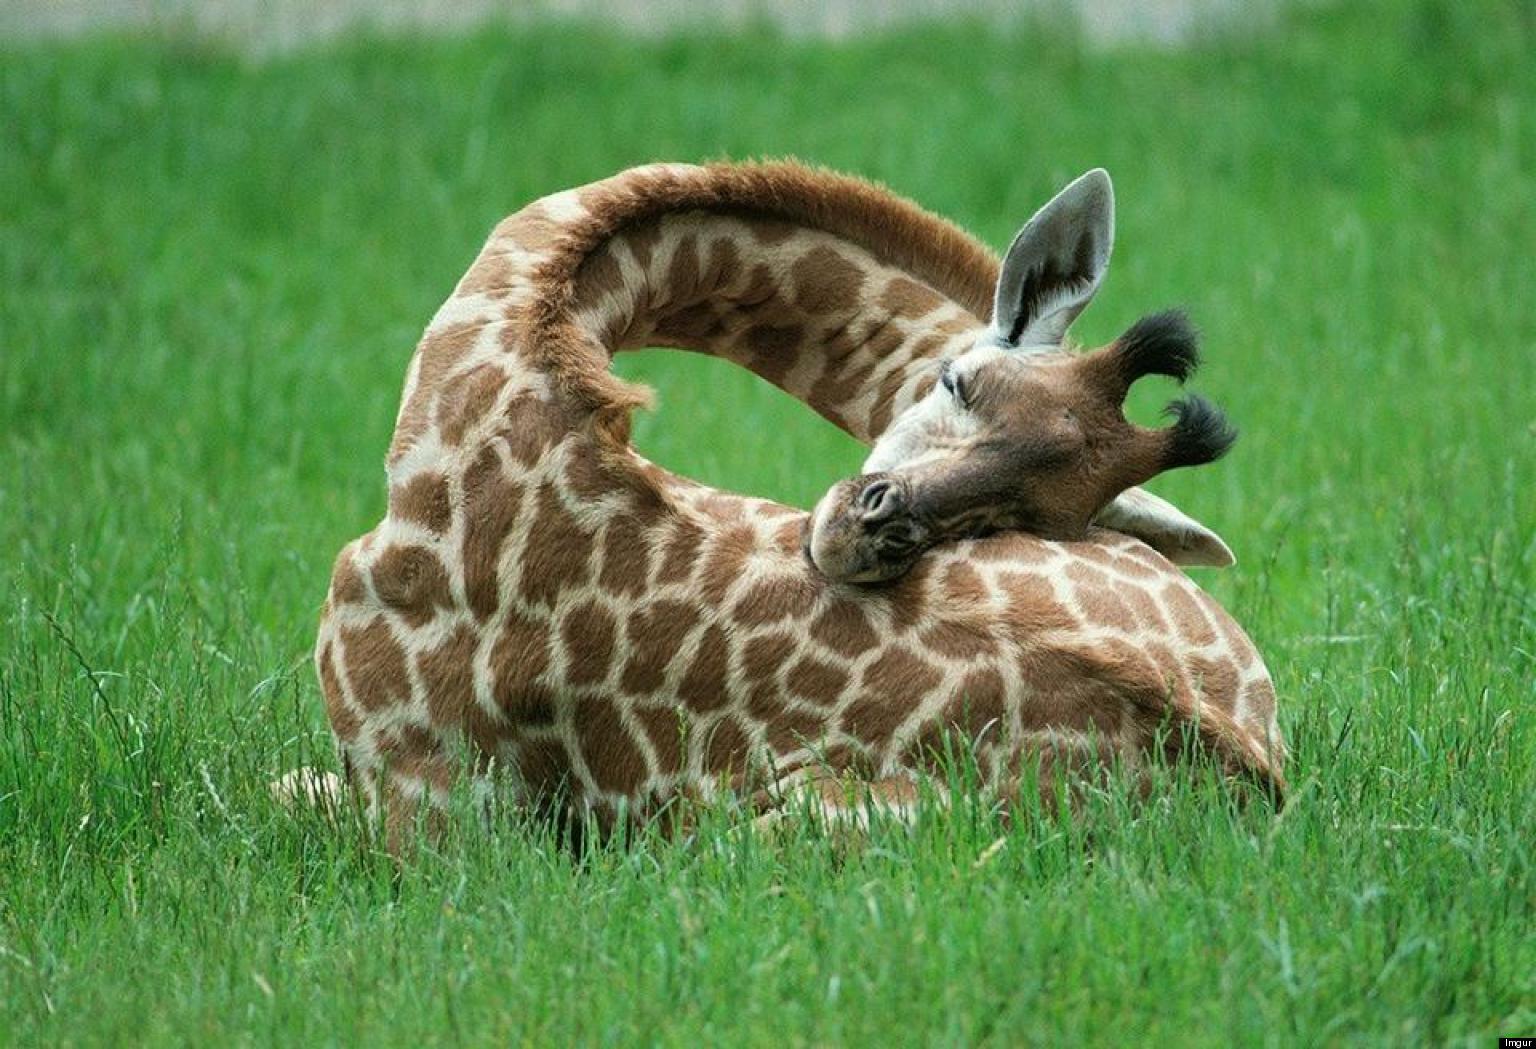 SLEEPING-BABY-GIRAFFE-PHOTOS-facebook.jpg